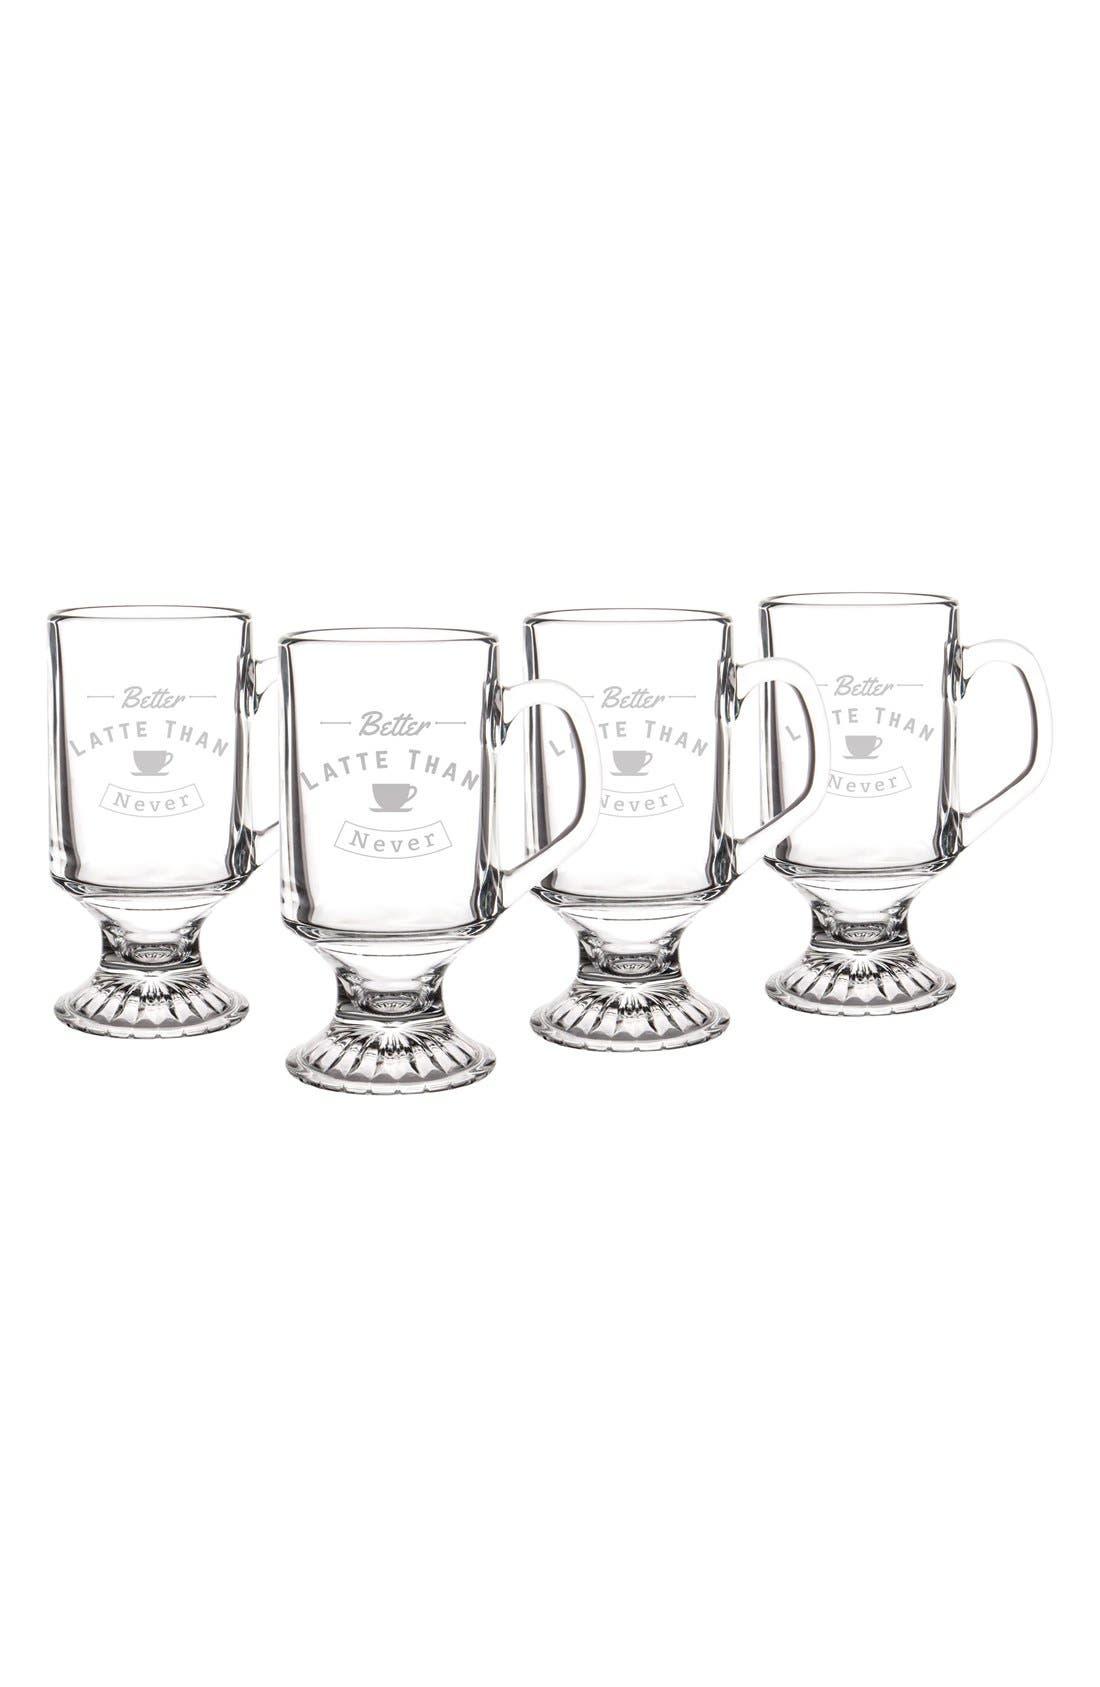 Better Latte Than Never Set of 4 Glass Mugs,                             Alternate thumbnail 2, color,                             100